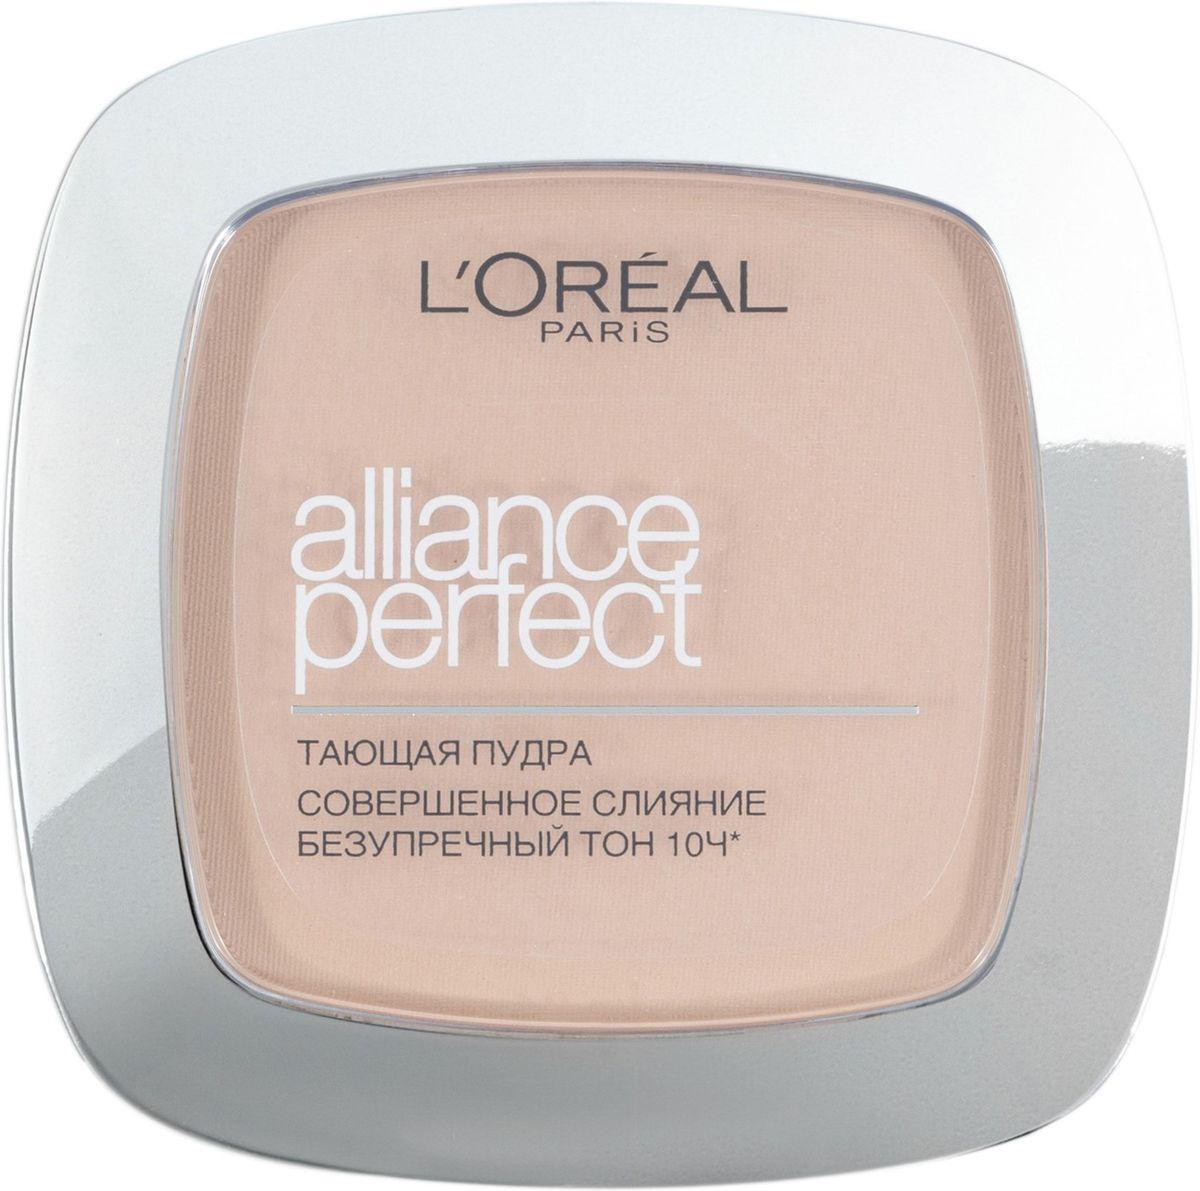 """L'Oreal Paris Пудра """"Alliance Perfect, Совершенное слияние"""", выравнивающая и увлажняющая, оттенок R2, #1"""